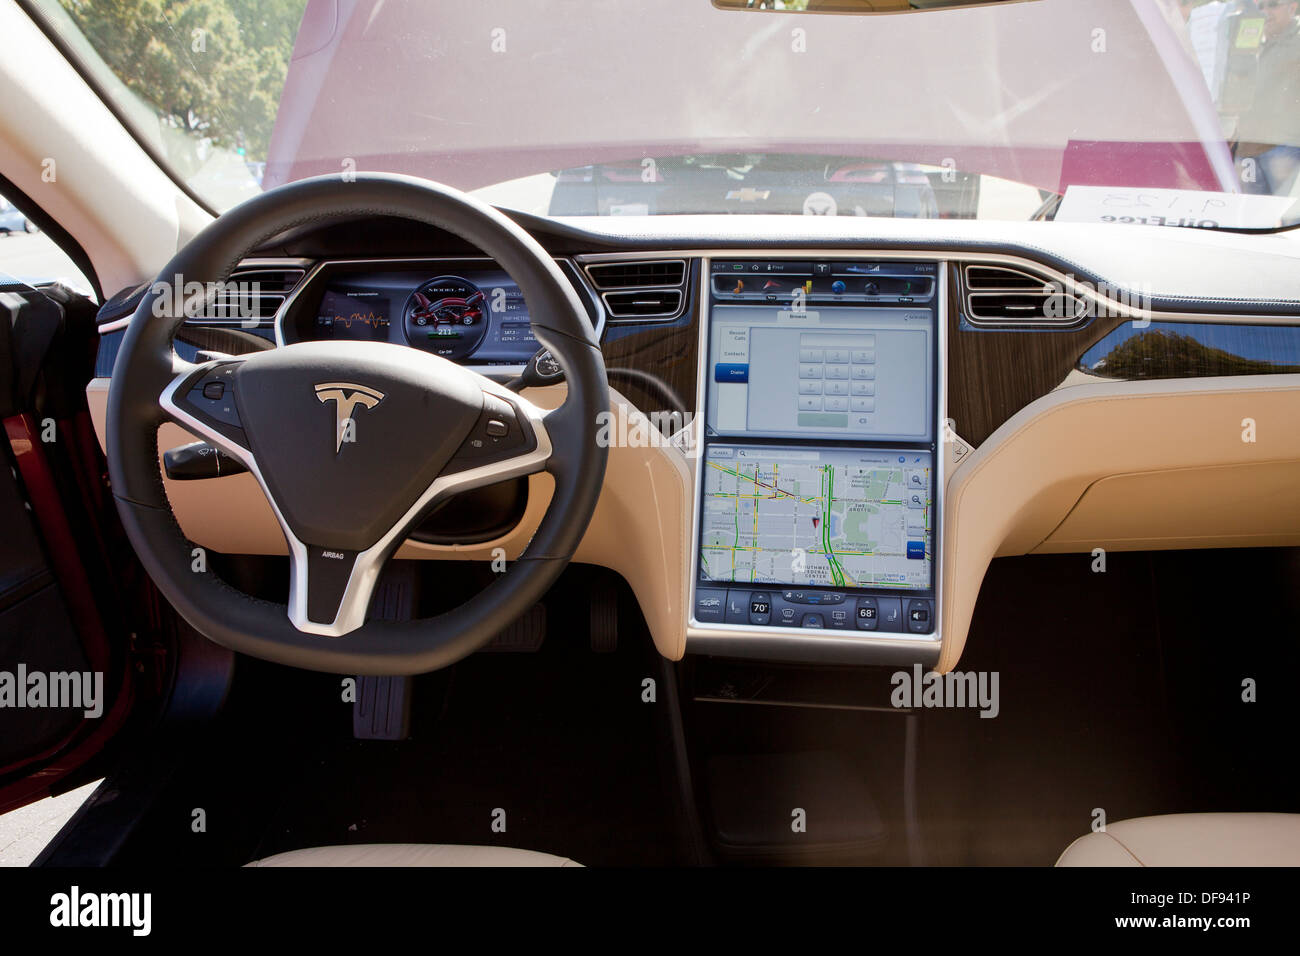 Tesla modelo S coche eléctrico interior Imagen De Stock